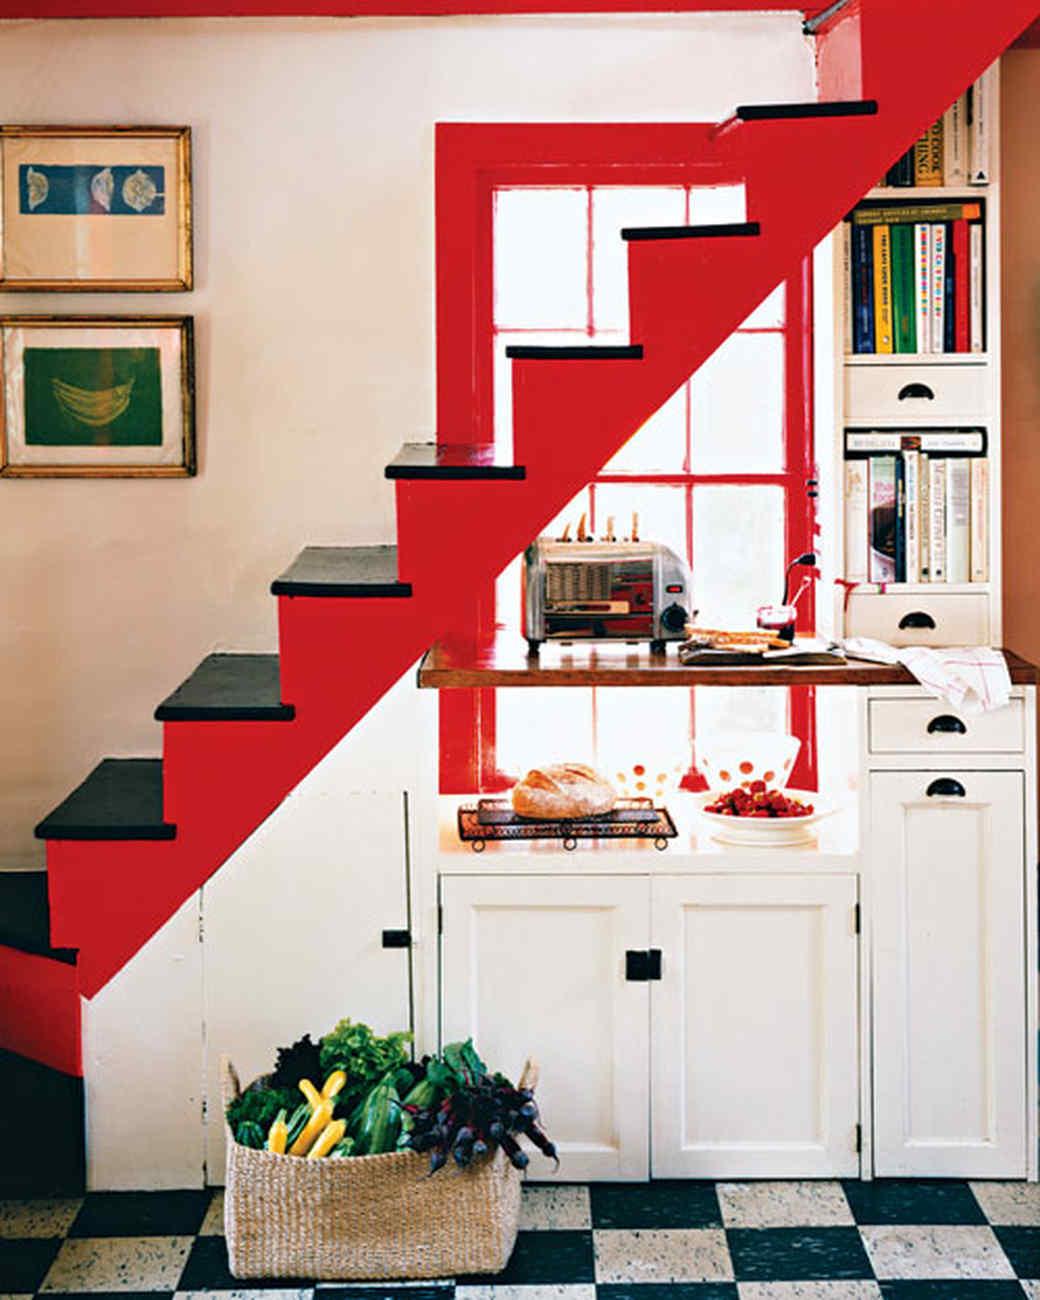 mla103203_0408_stairs.jpg